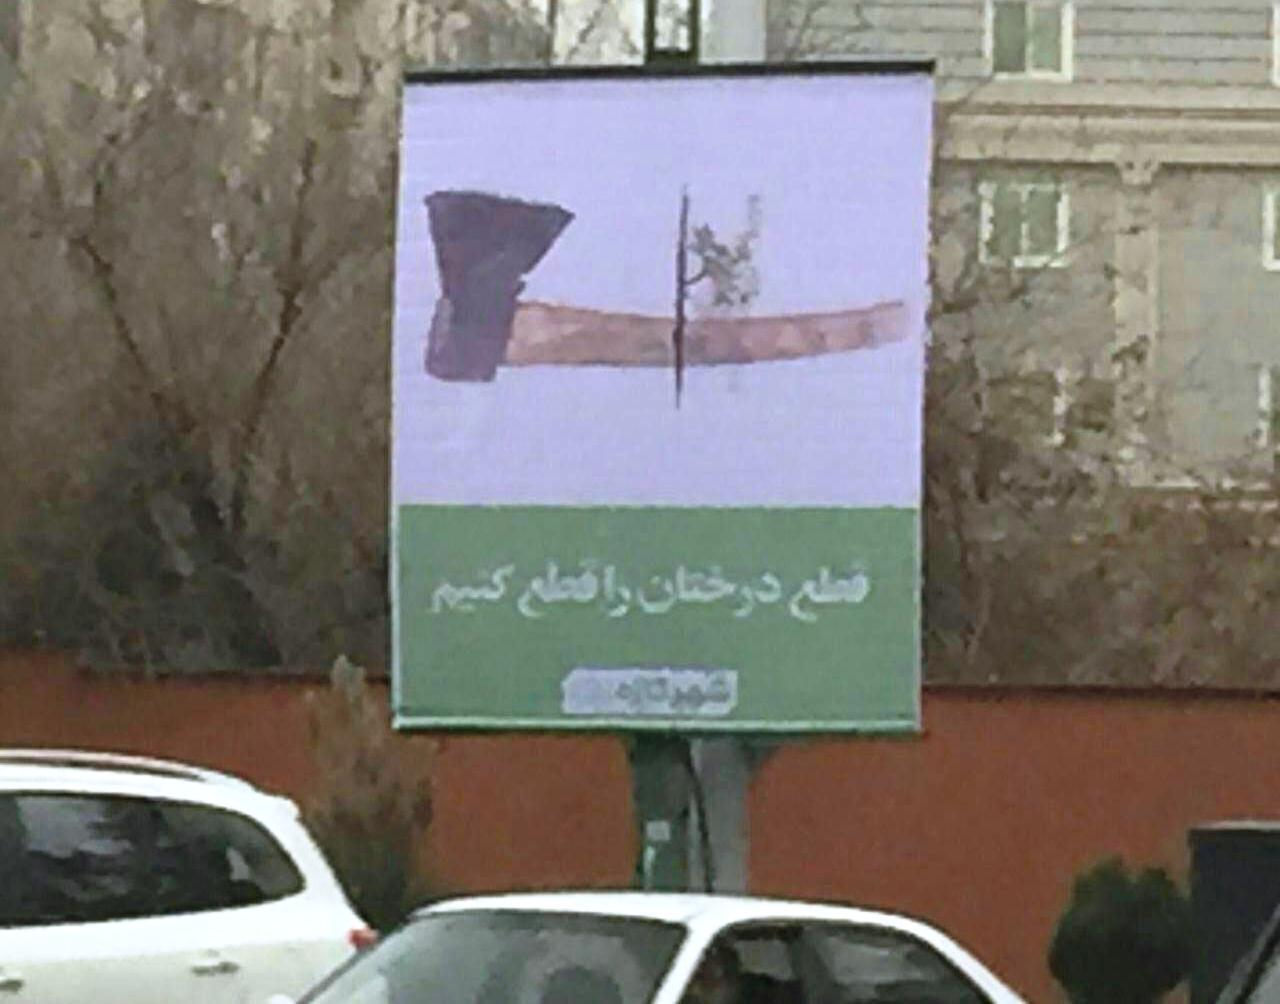 شوخی های محیط زیستی شهرداری تهران؟